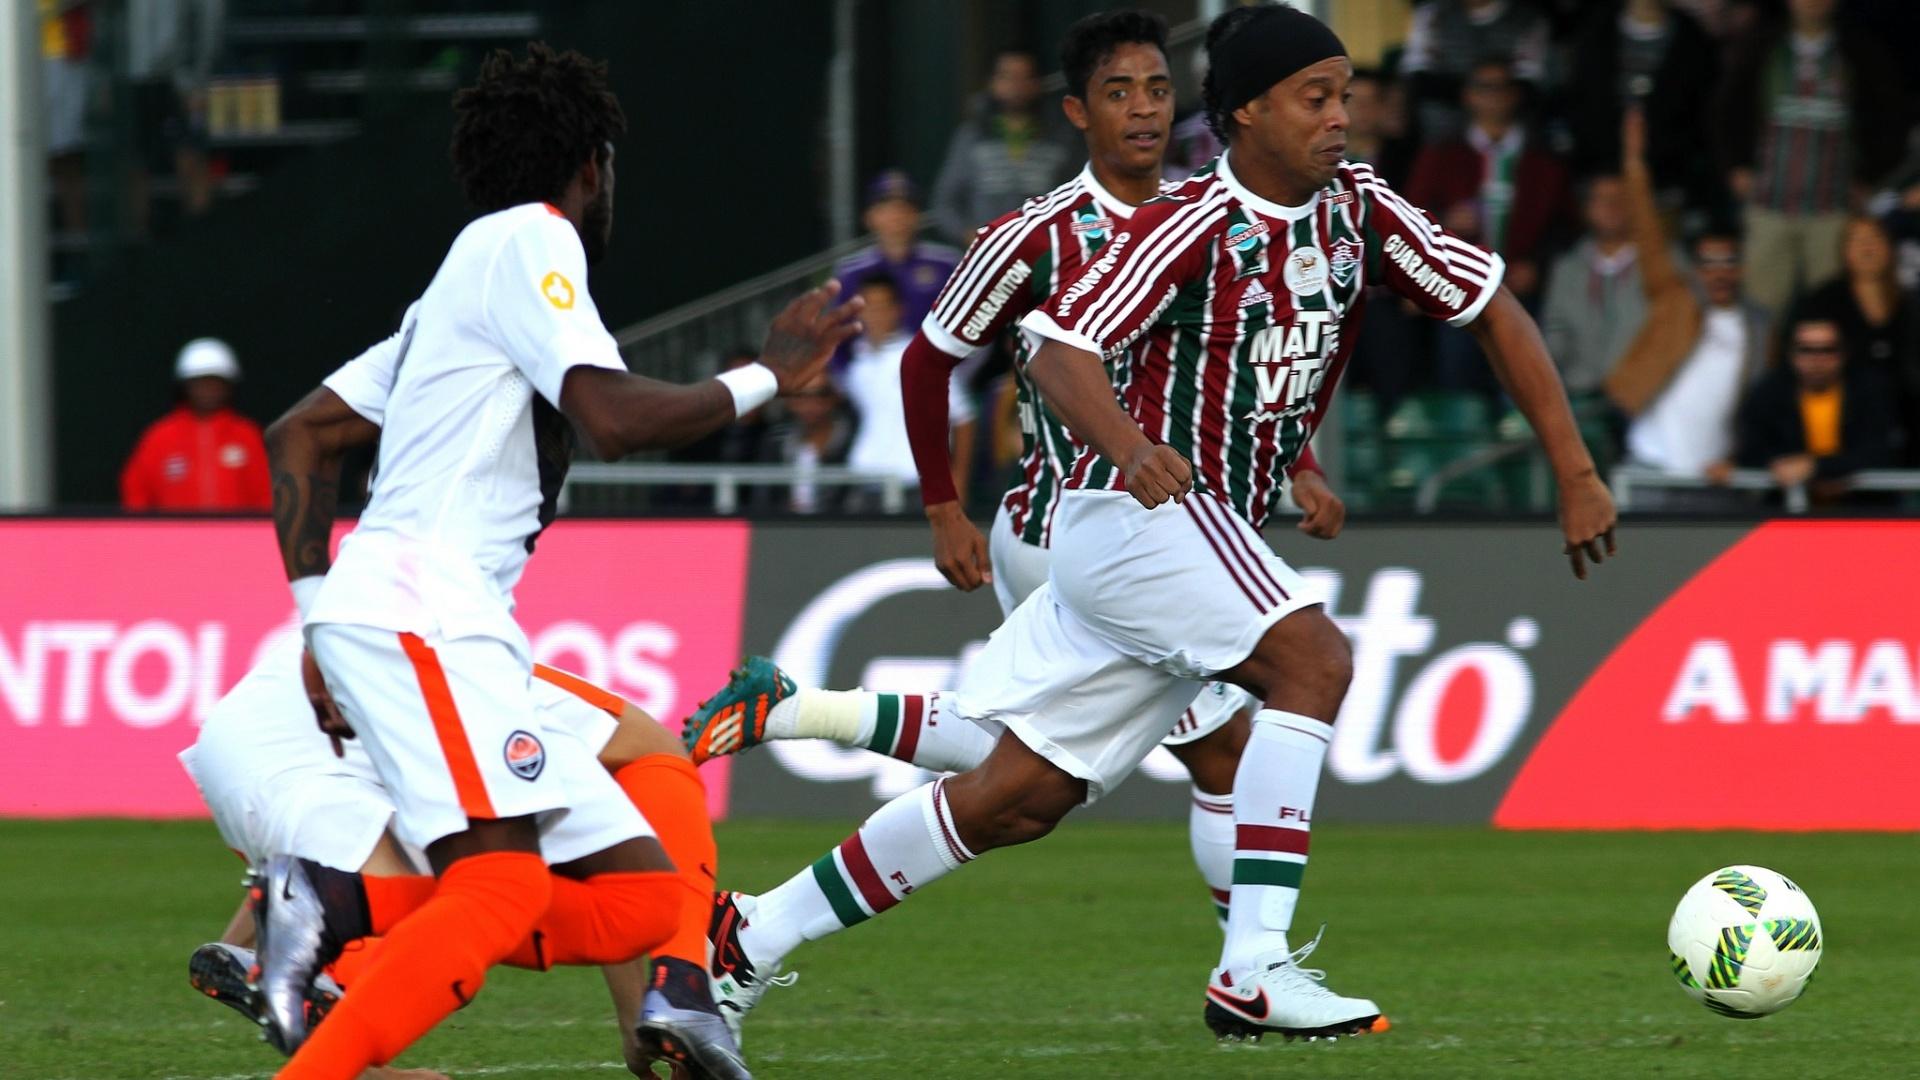 Ronaldinho domina a bola diante do Shakhtar Donetsk em jogo nos EUA